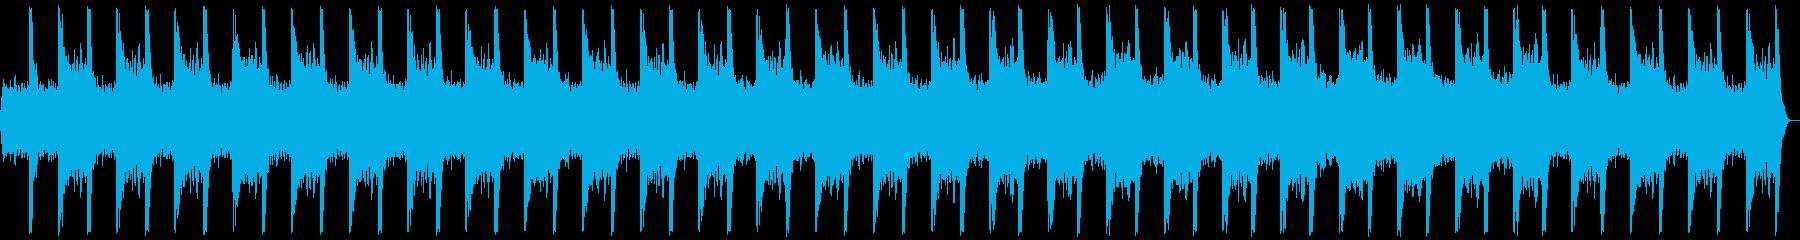 モダン 実験的 アンビエント 淡々...の再生済みの波形